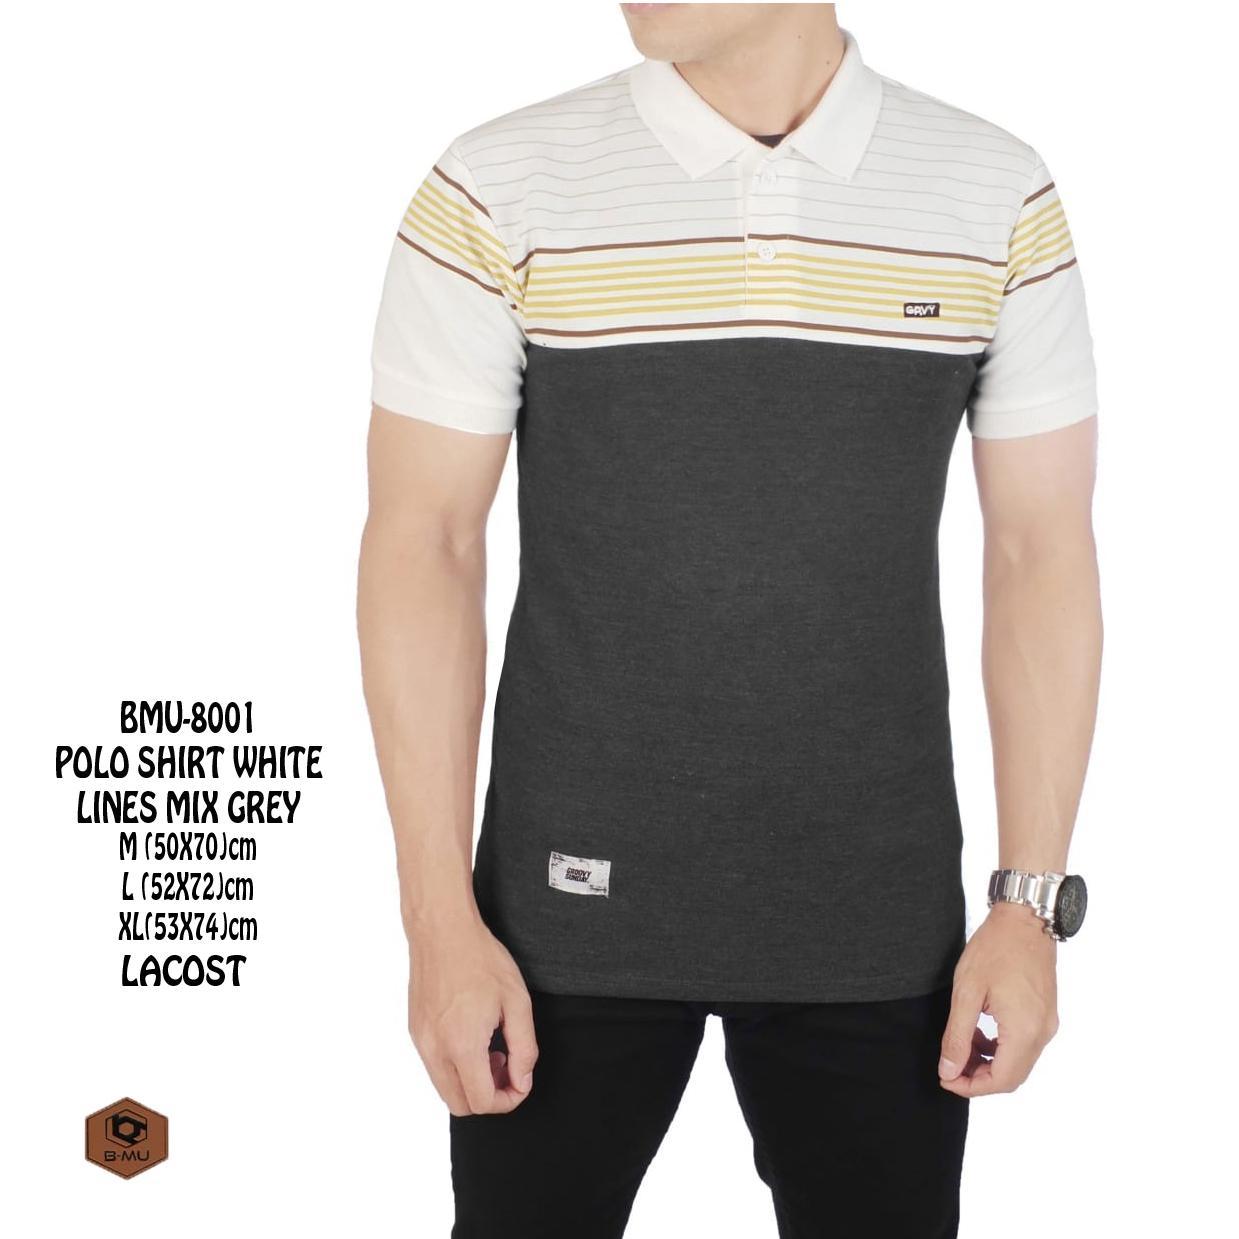 the most/Kaos Polo shirt kerah / sanghai Pria casual Kaos Polo Kaos Adem Kaos Pria Tshirt Pria Kaos Distro Bandung Kaos Distro Kaos keren Putih meraH navy Combinasi 3 Warna